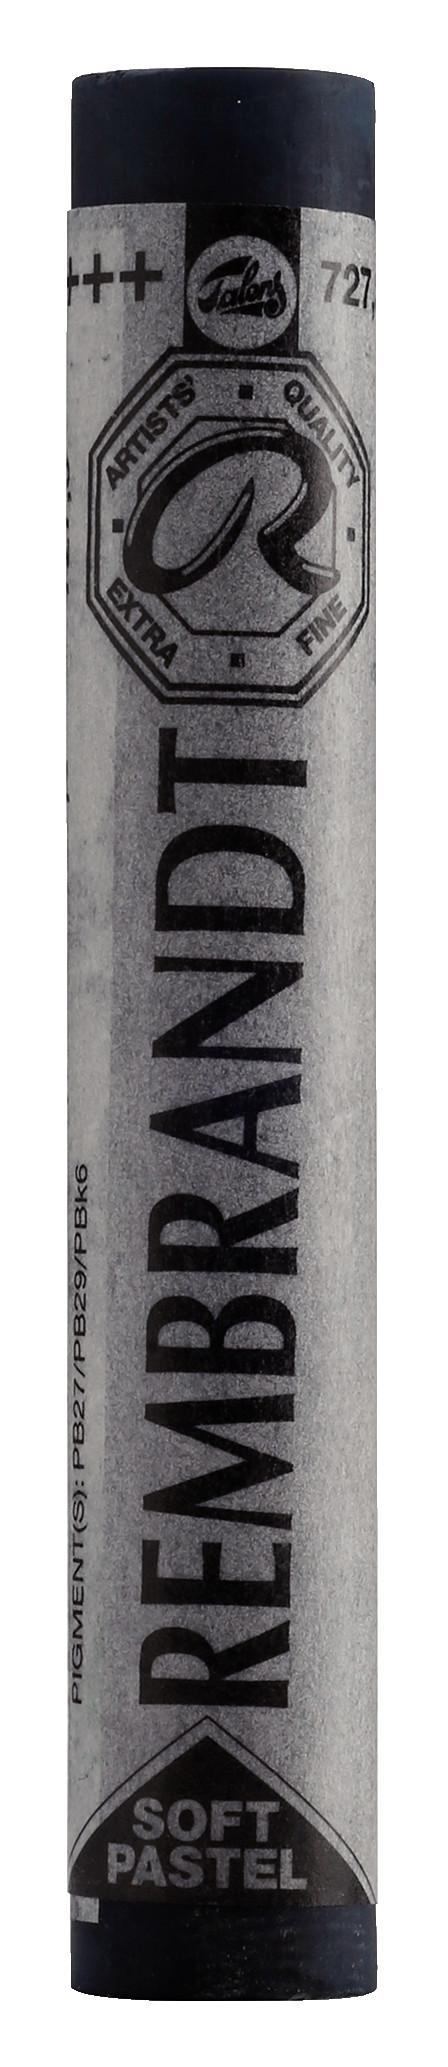 Rembrandt Soft Pastel Round Full Stick Bluish Grey(3) (727.3)